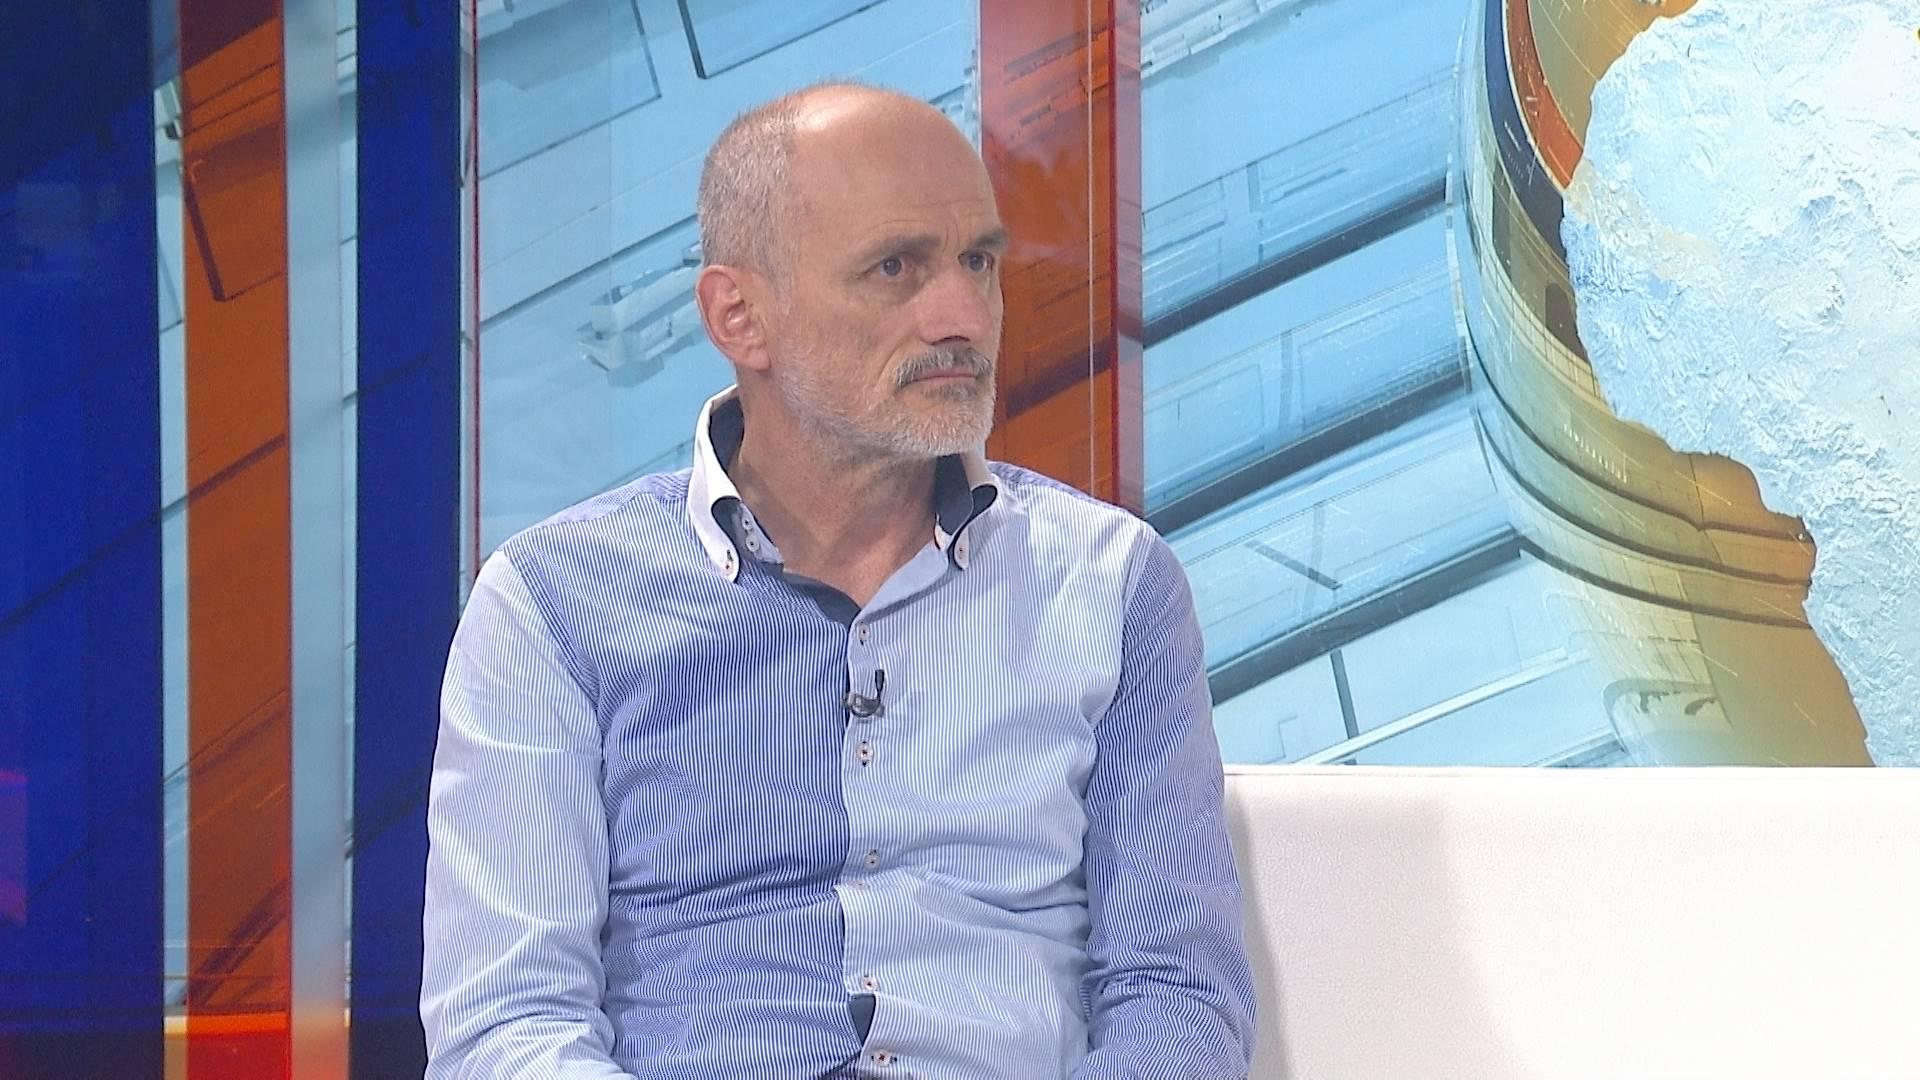 """Boro Kontić ovogodišnji dobitnik nagrade """"Dr. Erhard Busek"""""""